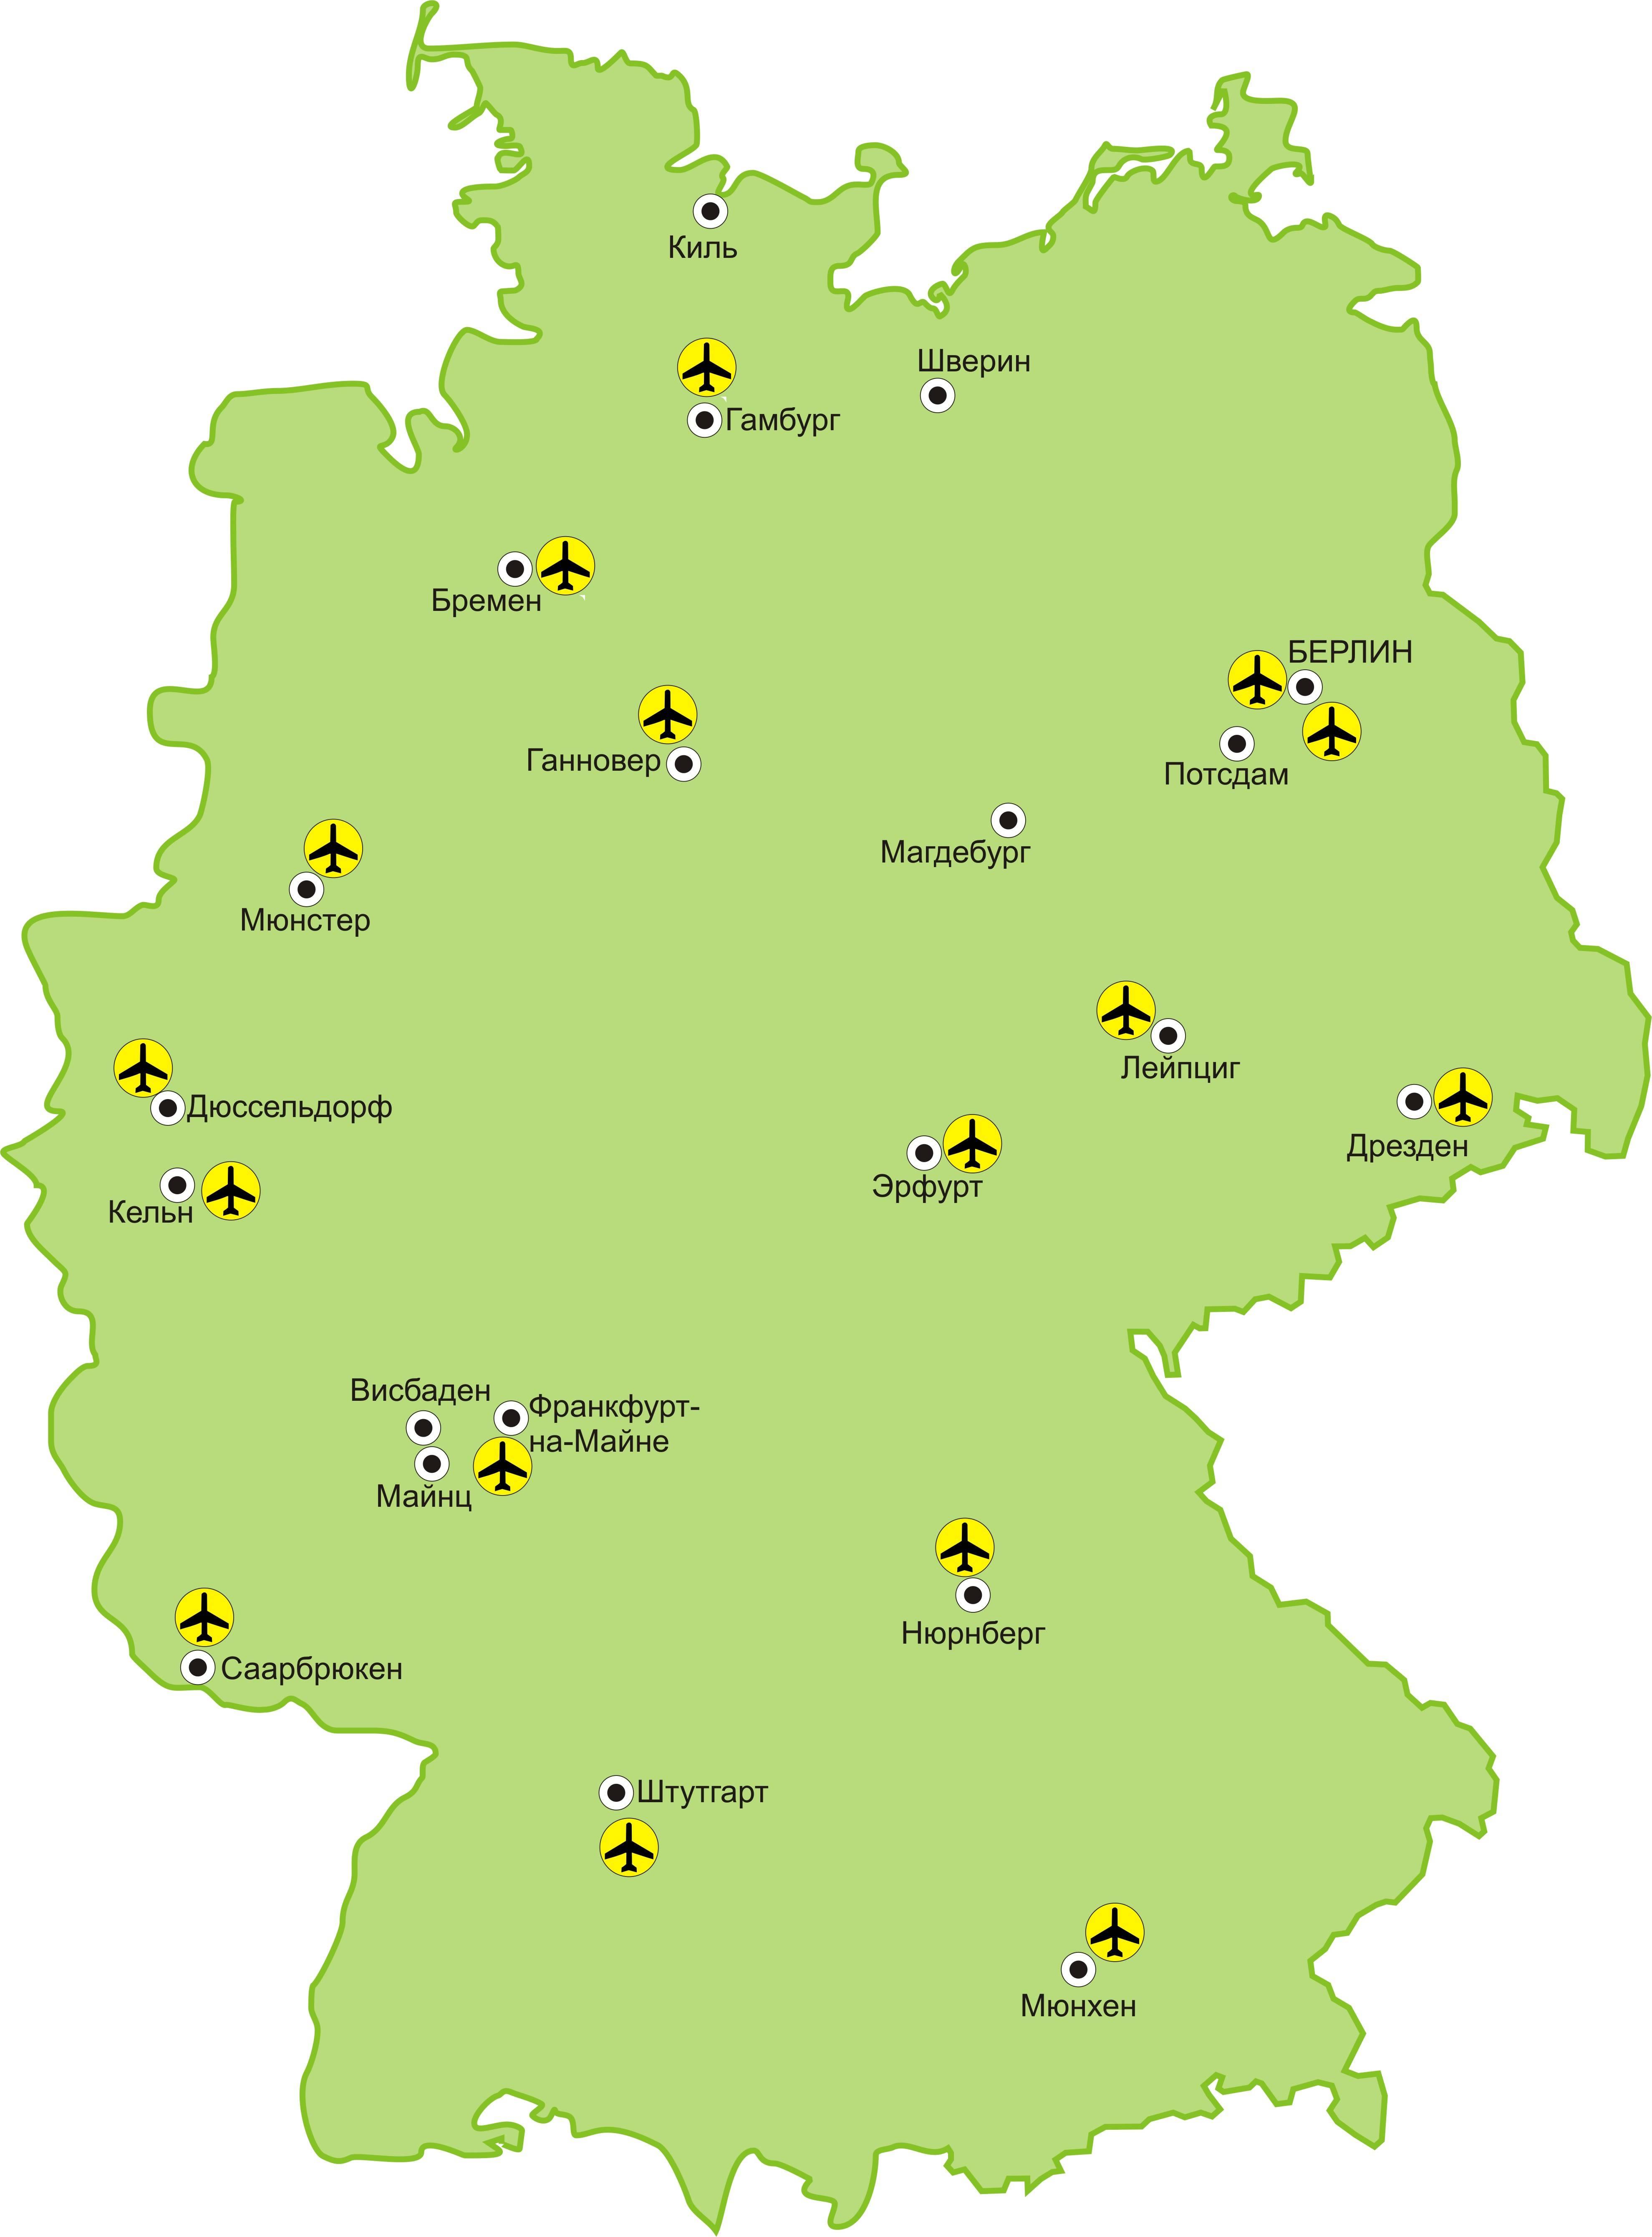 Международные немецкие аэропорты: описание, расположение, маршруты